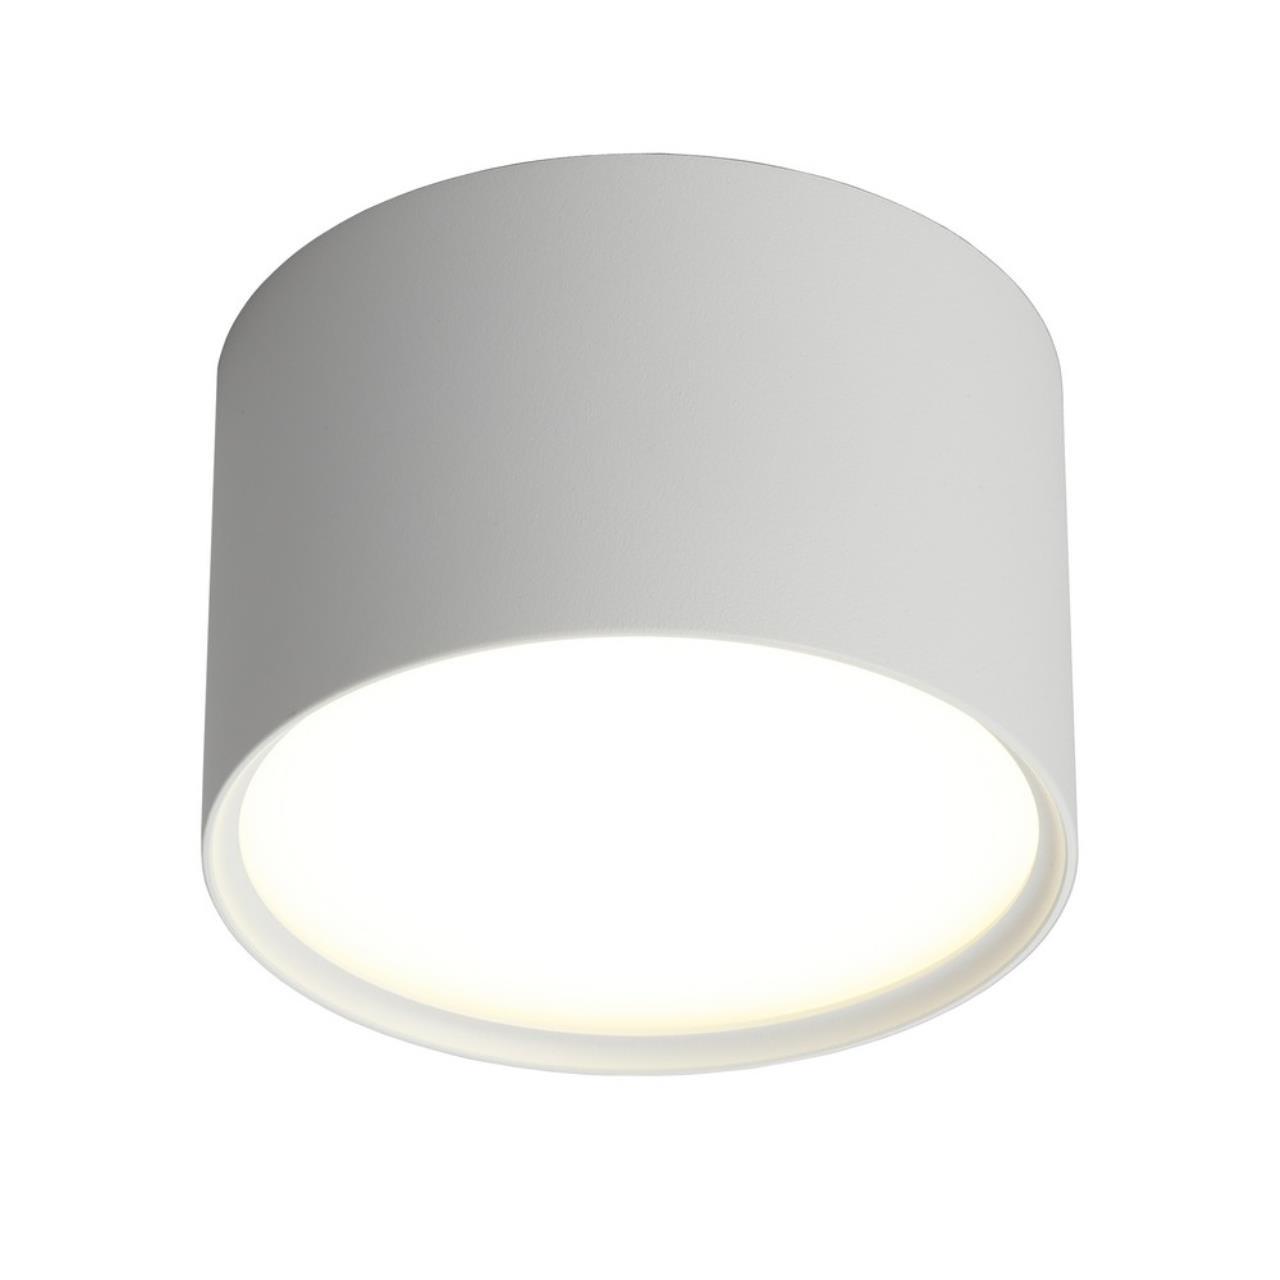 Встраиваемый-накладной светильник Omnilux OML-100909-06